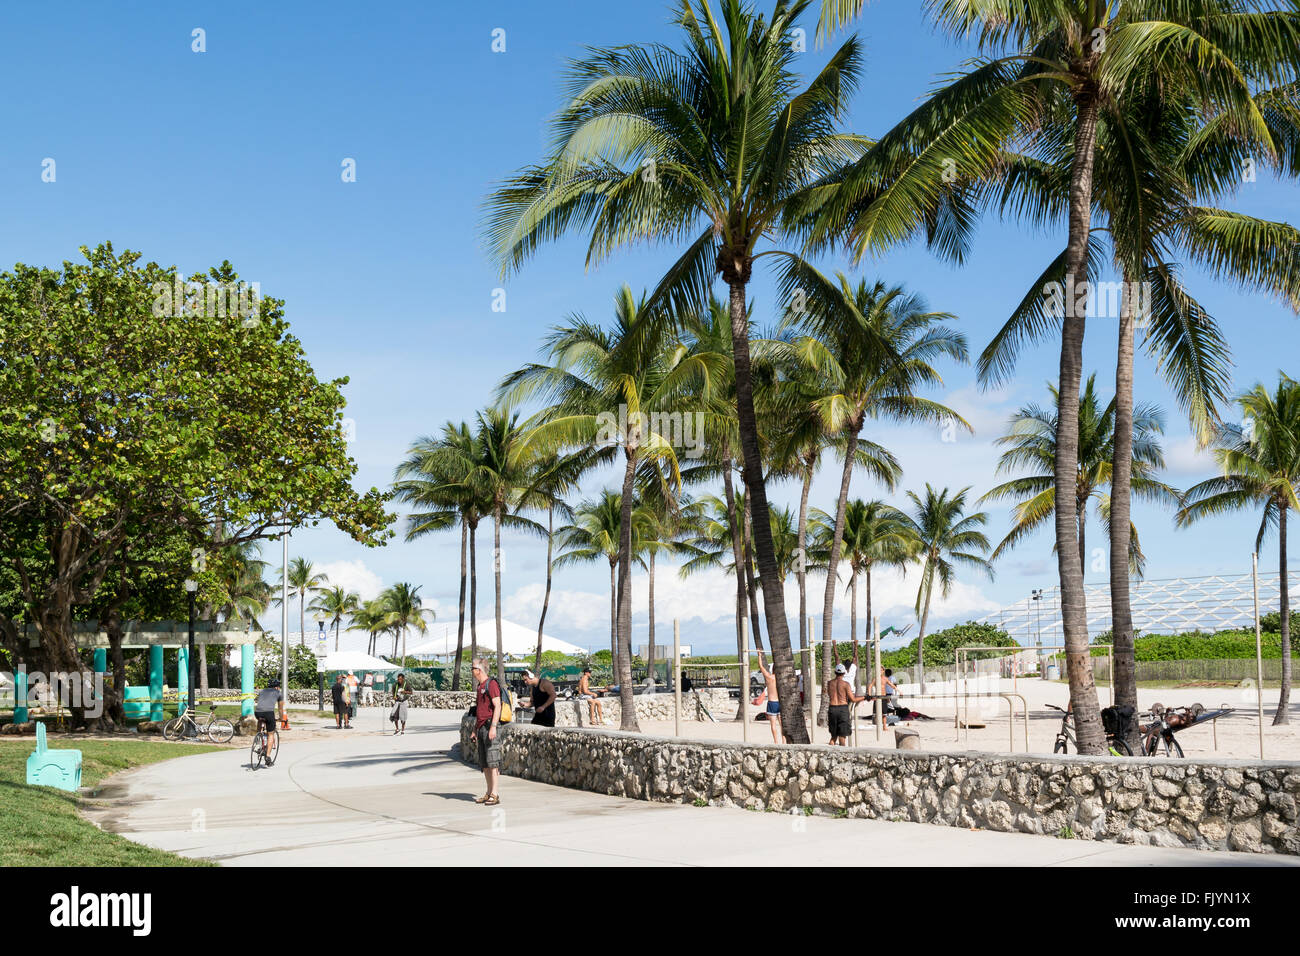 menschen zu fuß auf south beach boardwalk in miami beach